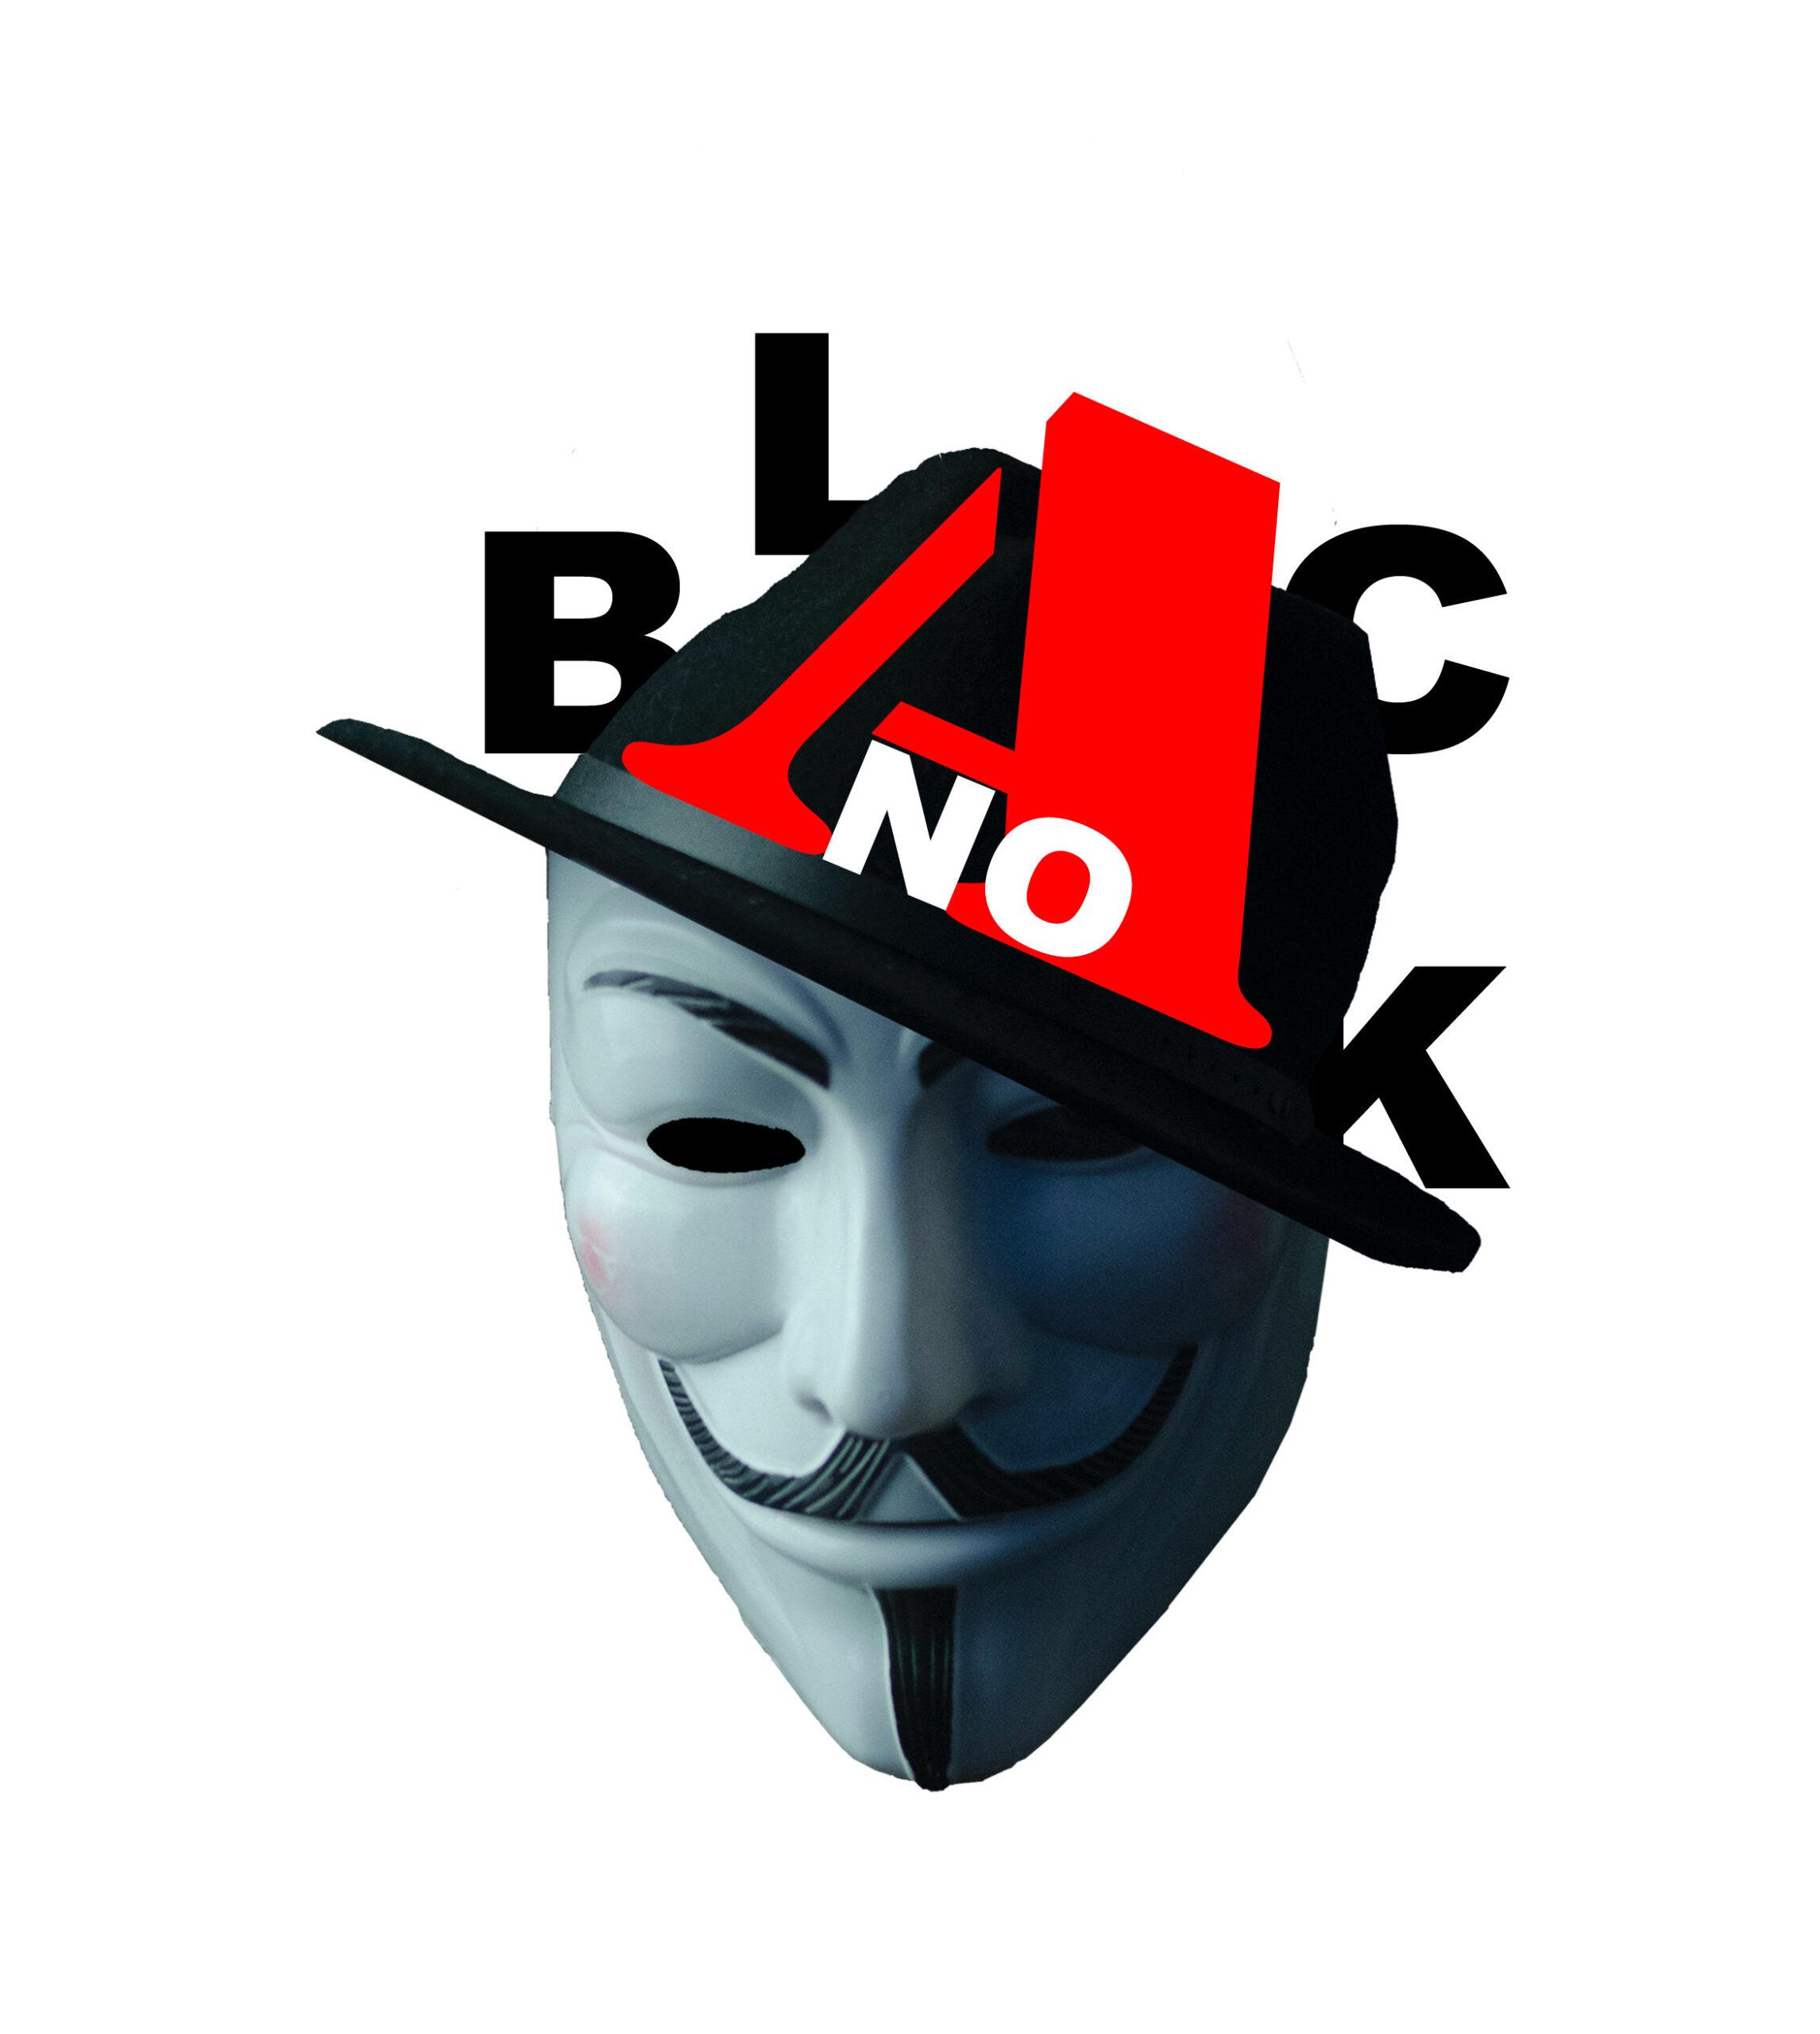 ANOBLACK unser neuer Cyber mitarbeiter